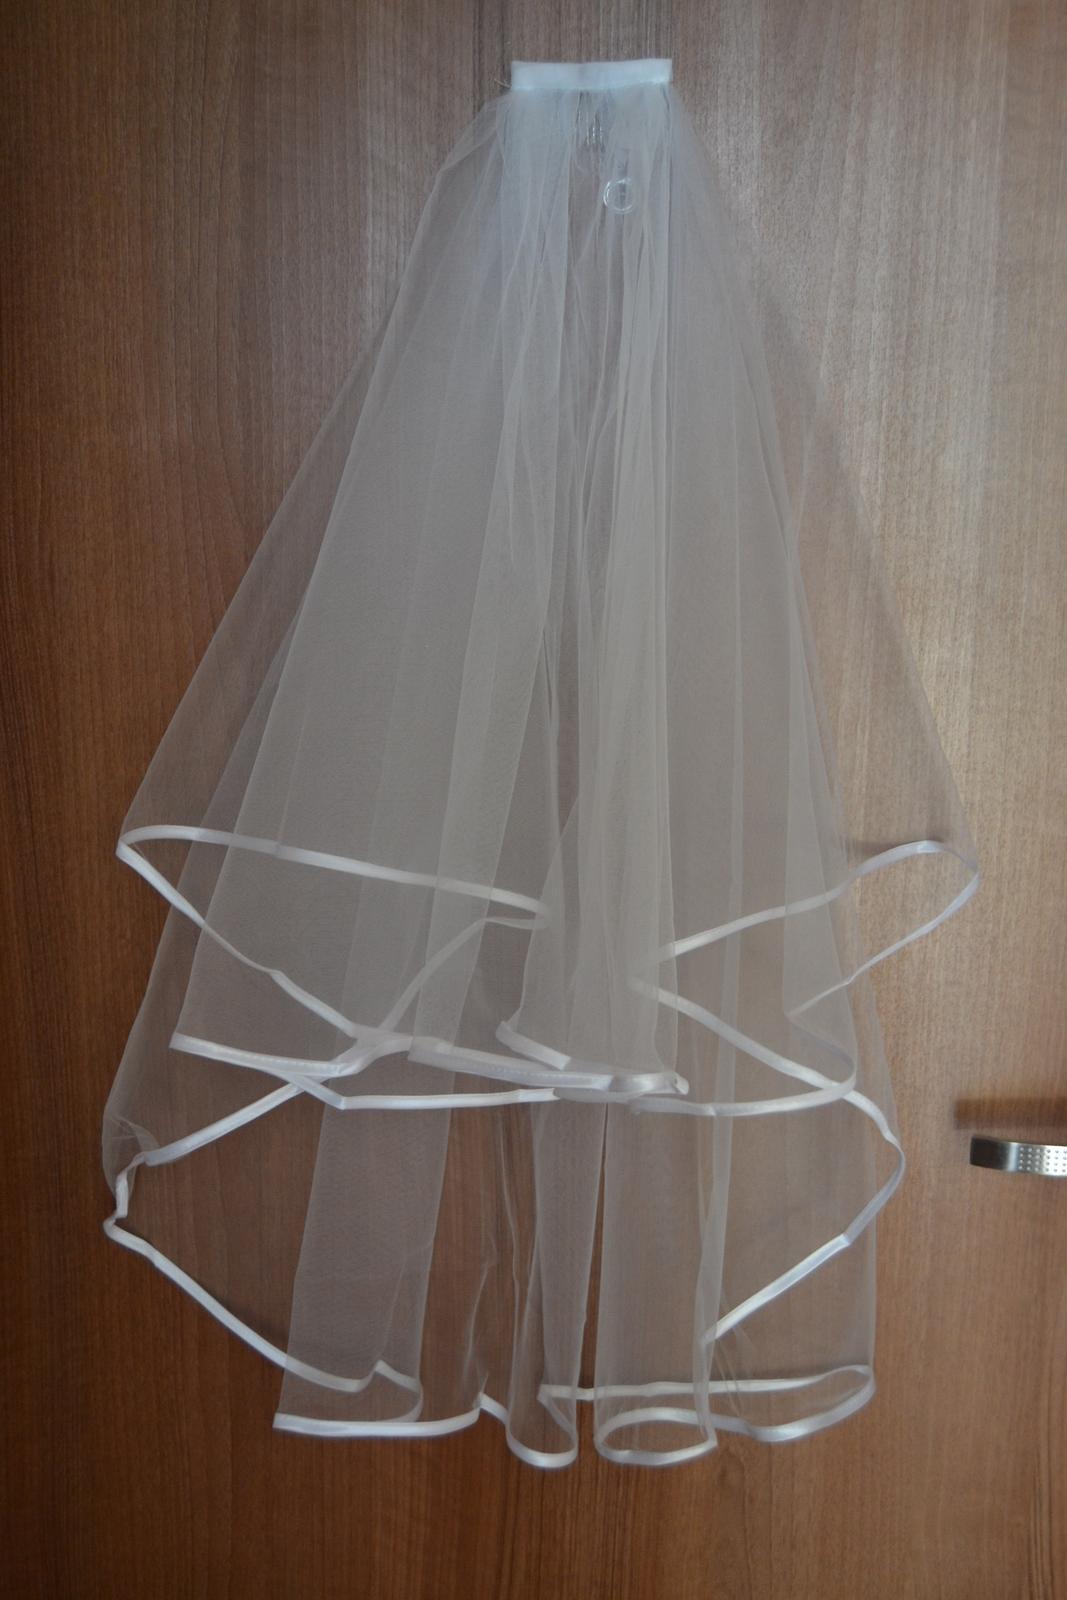 Bílý závoj s hřebínkem, nový - Obrázek č. 1